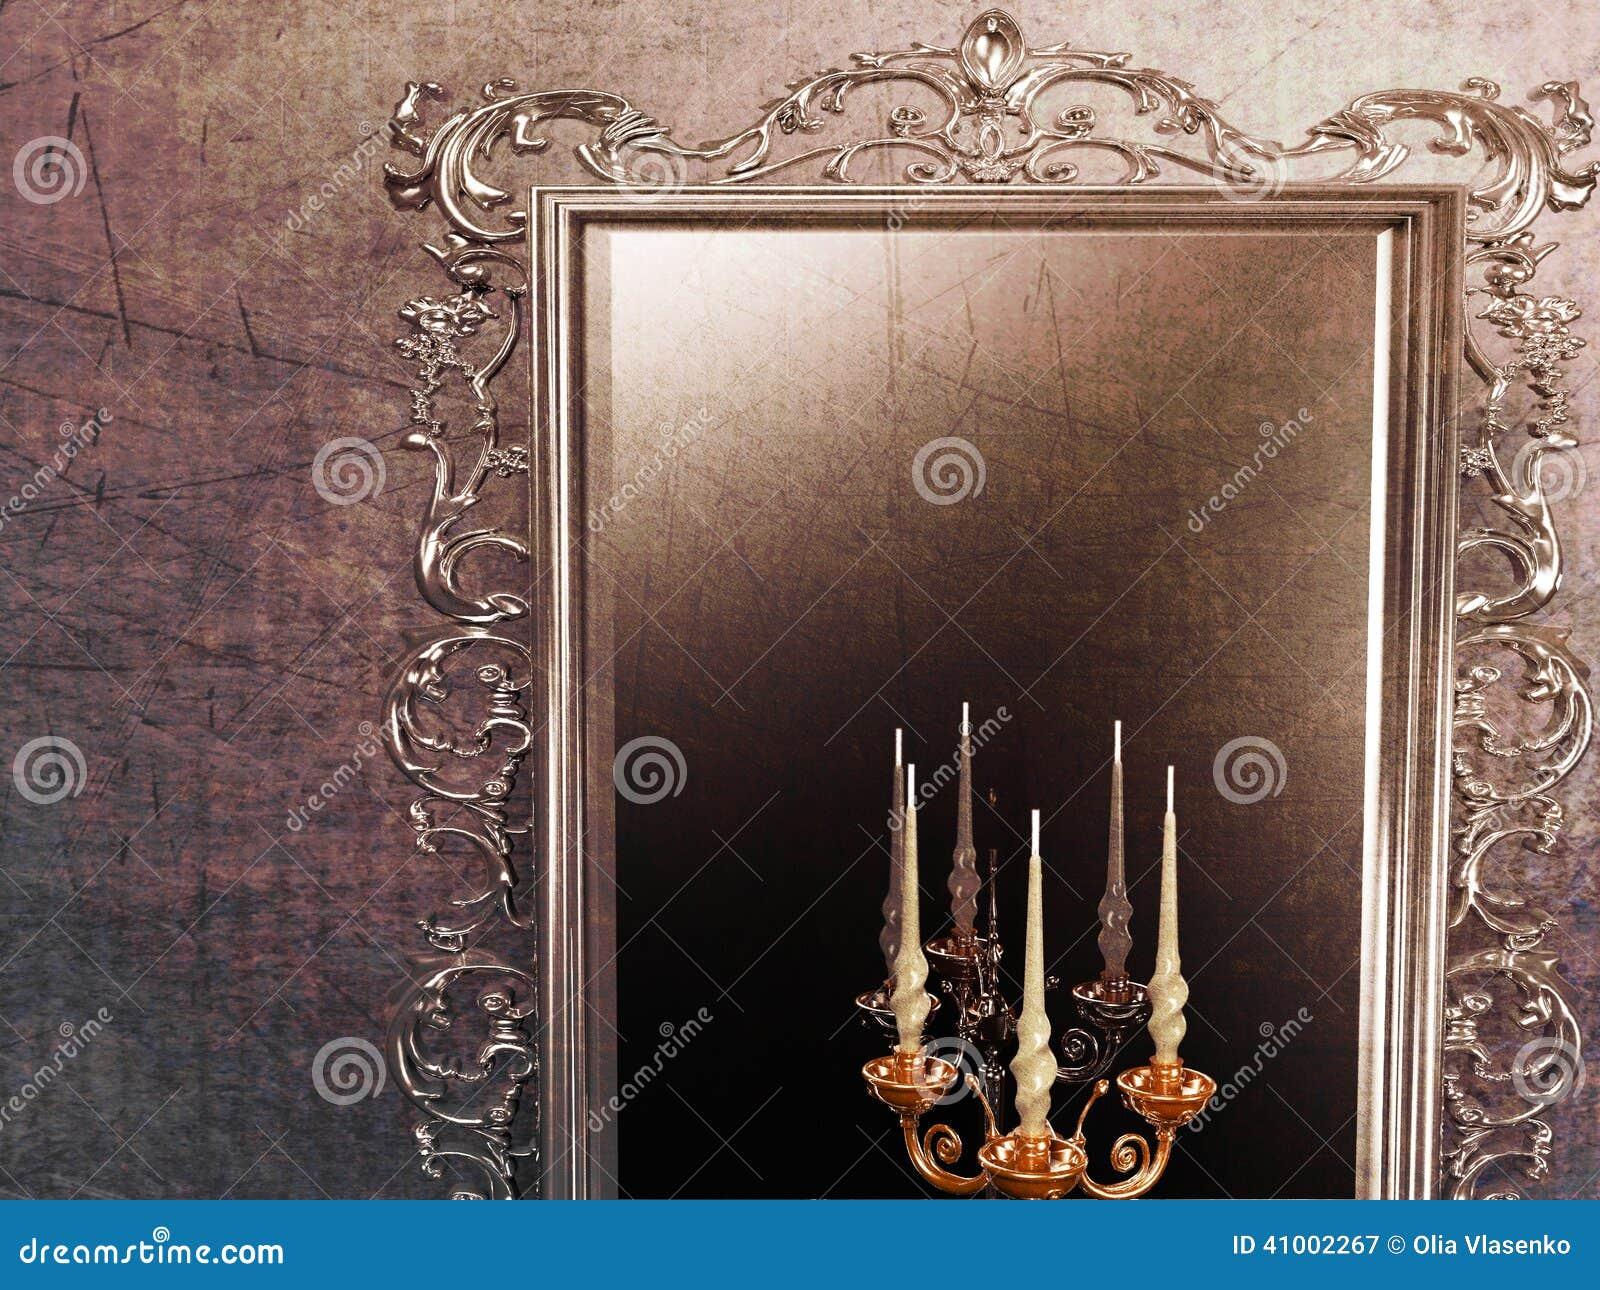 antiker spiegel und kerzenhalter stock abbildung bild. Black Bedroom Furniture Sets. Home Design Ideas